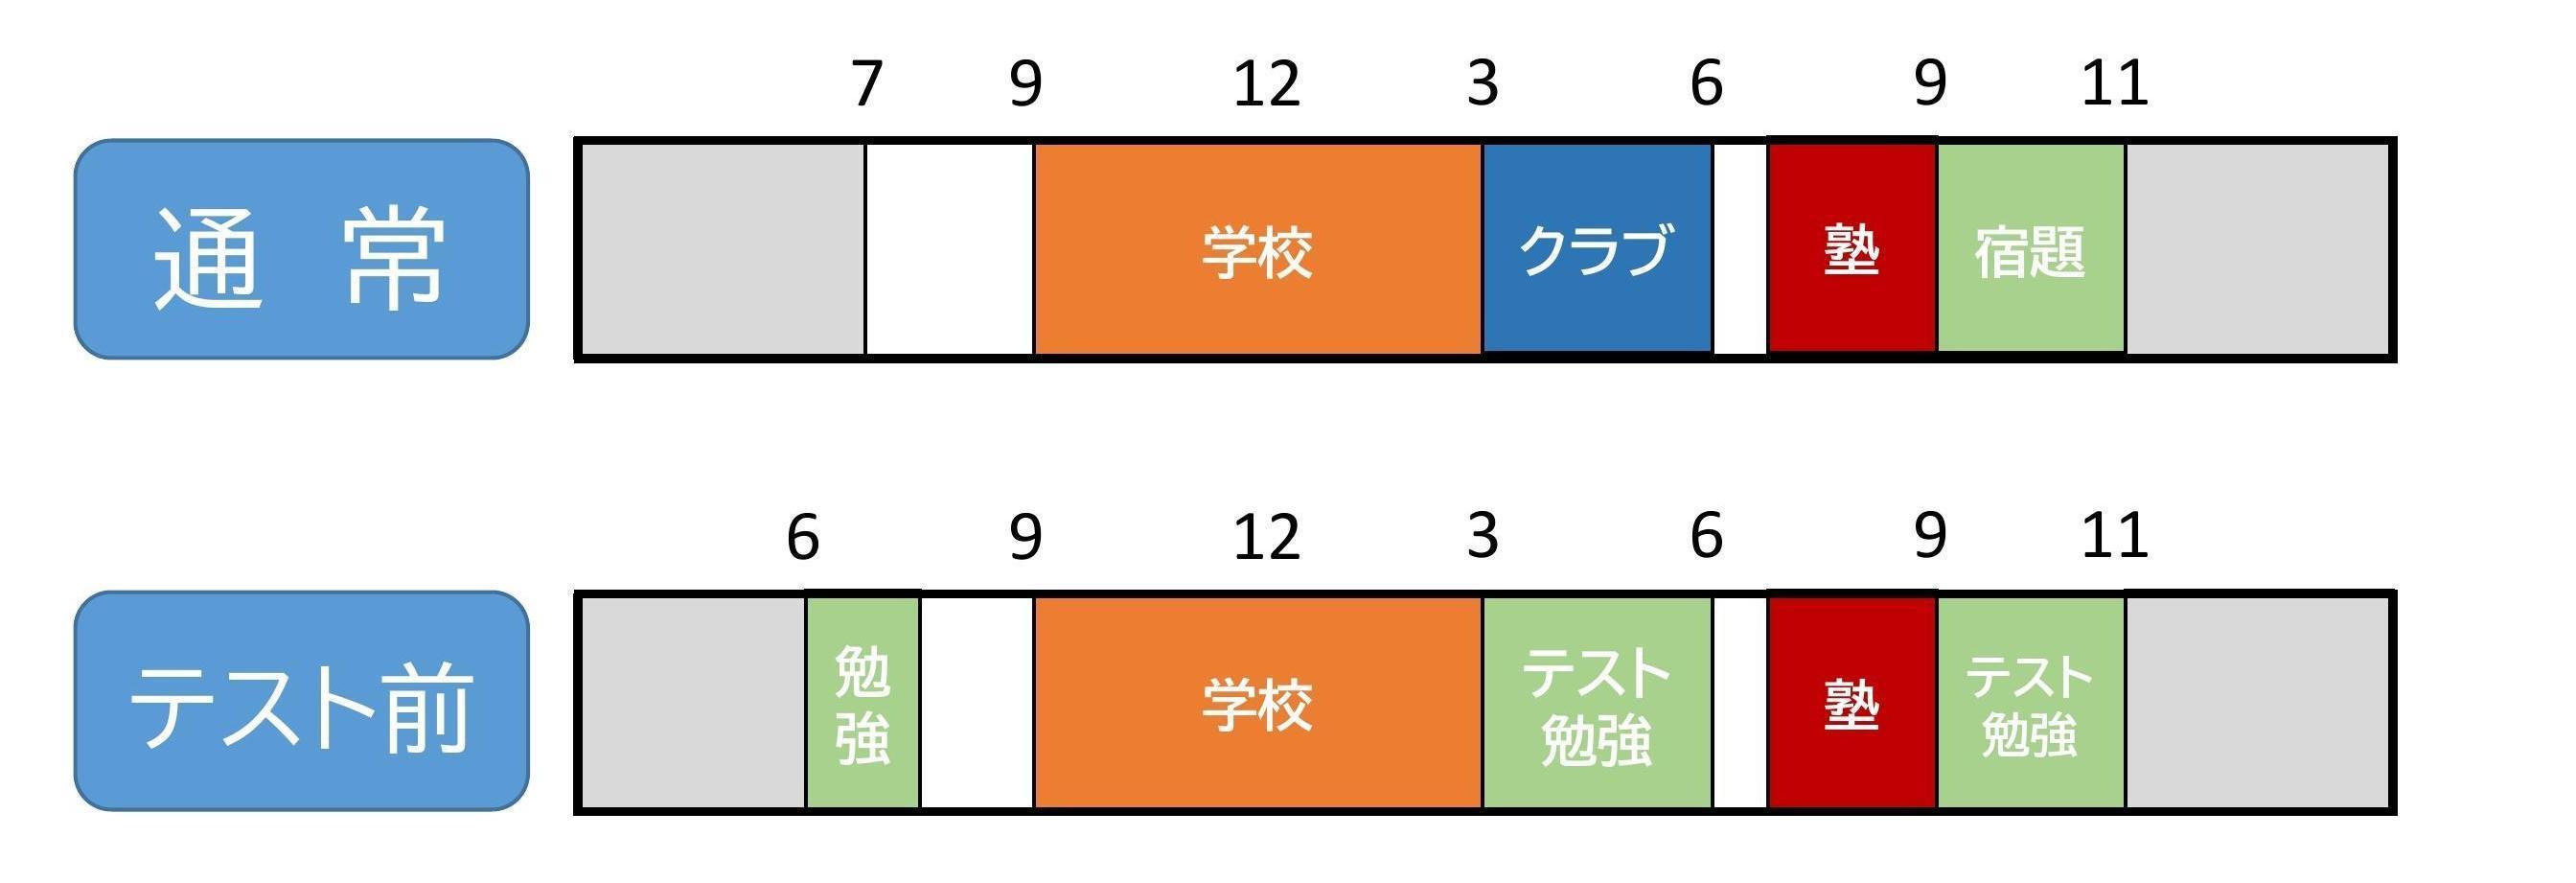 小学生と中学生の違い_スケジュール.jpg